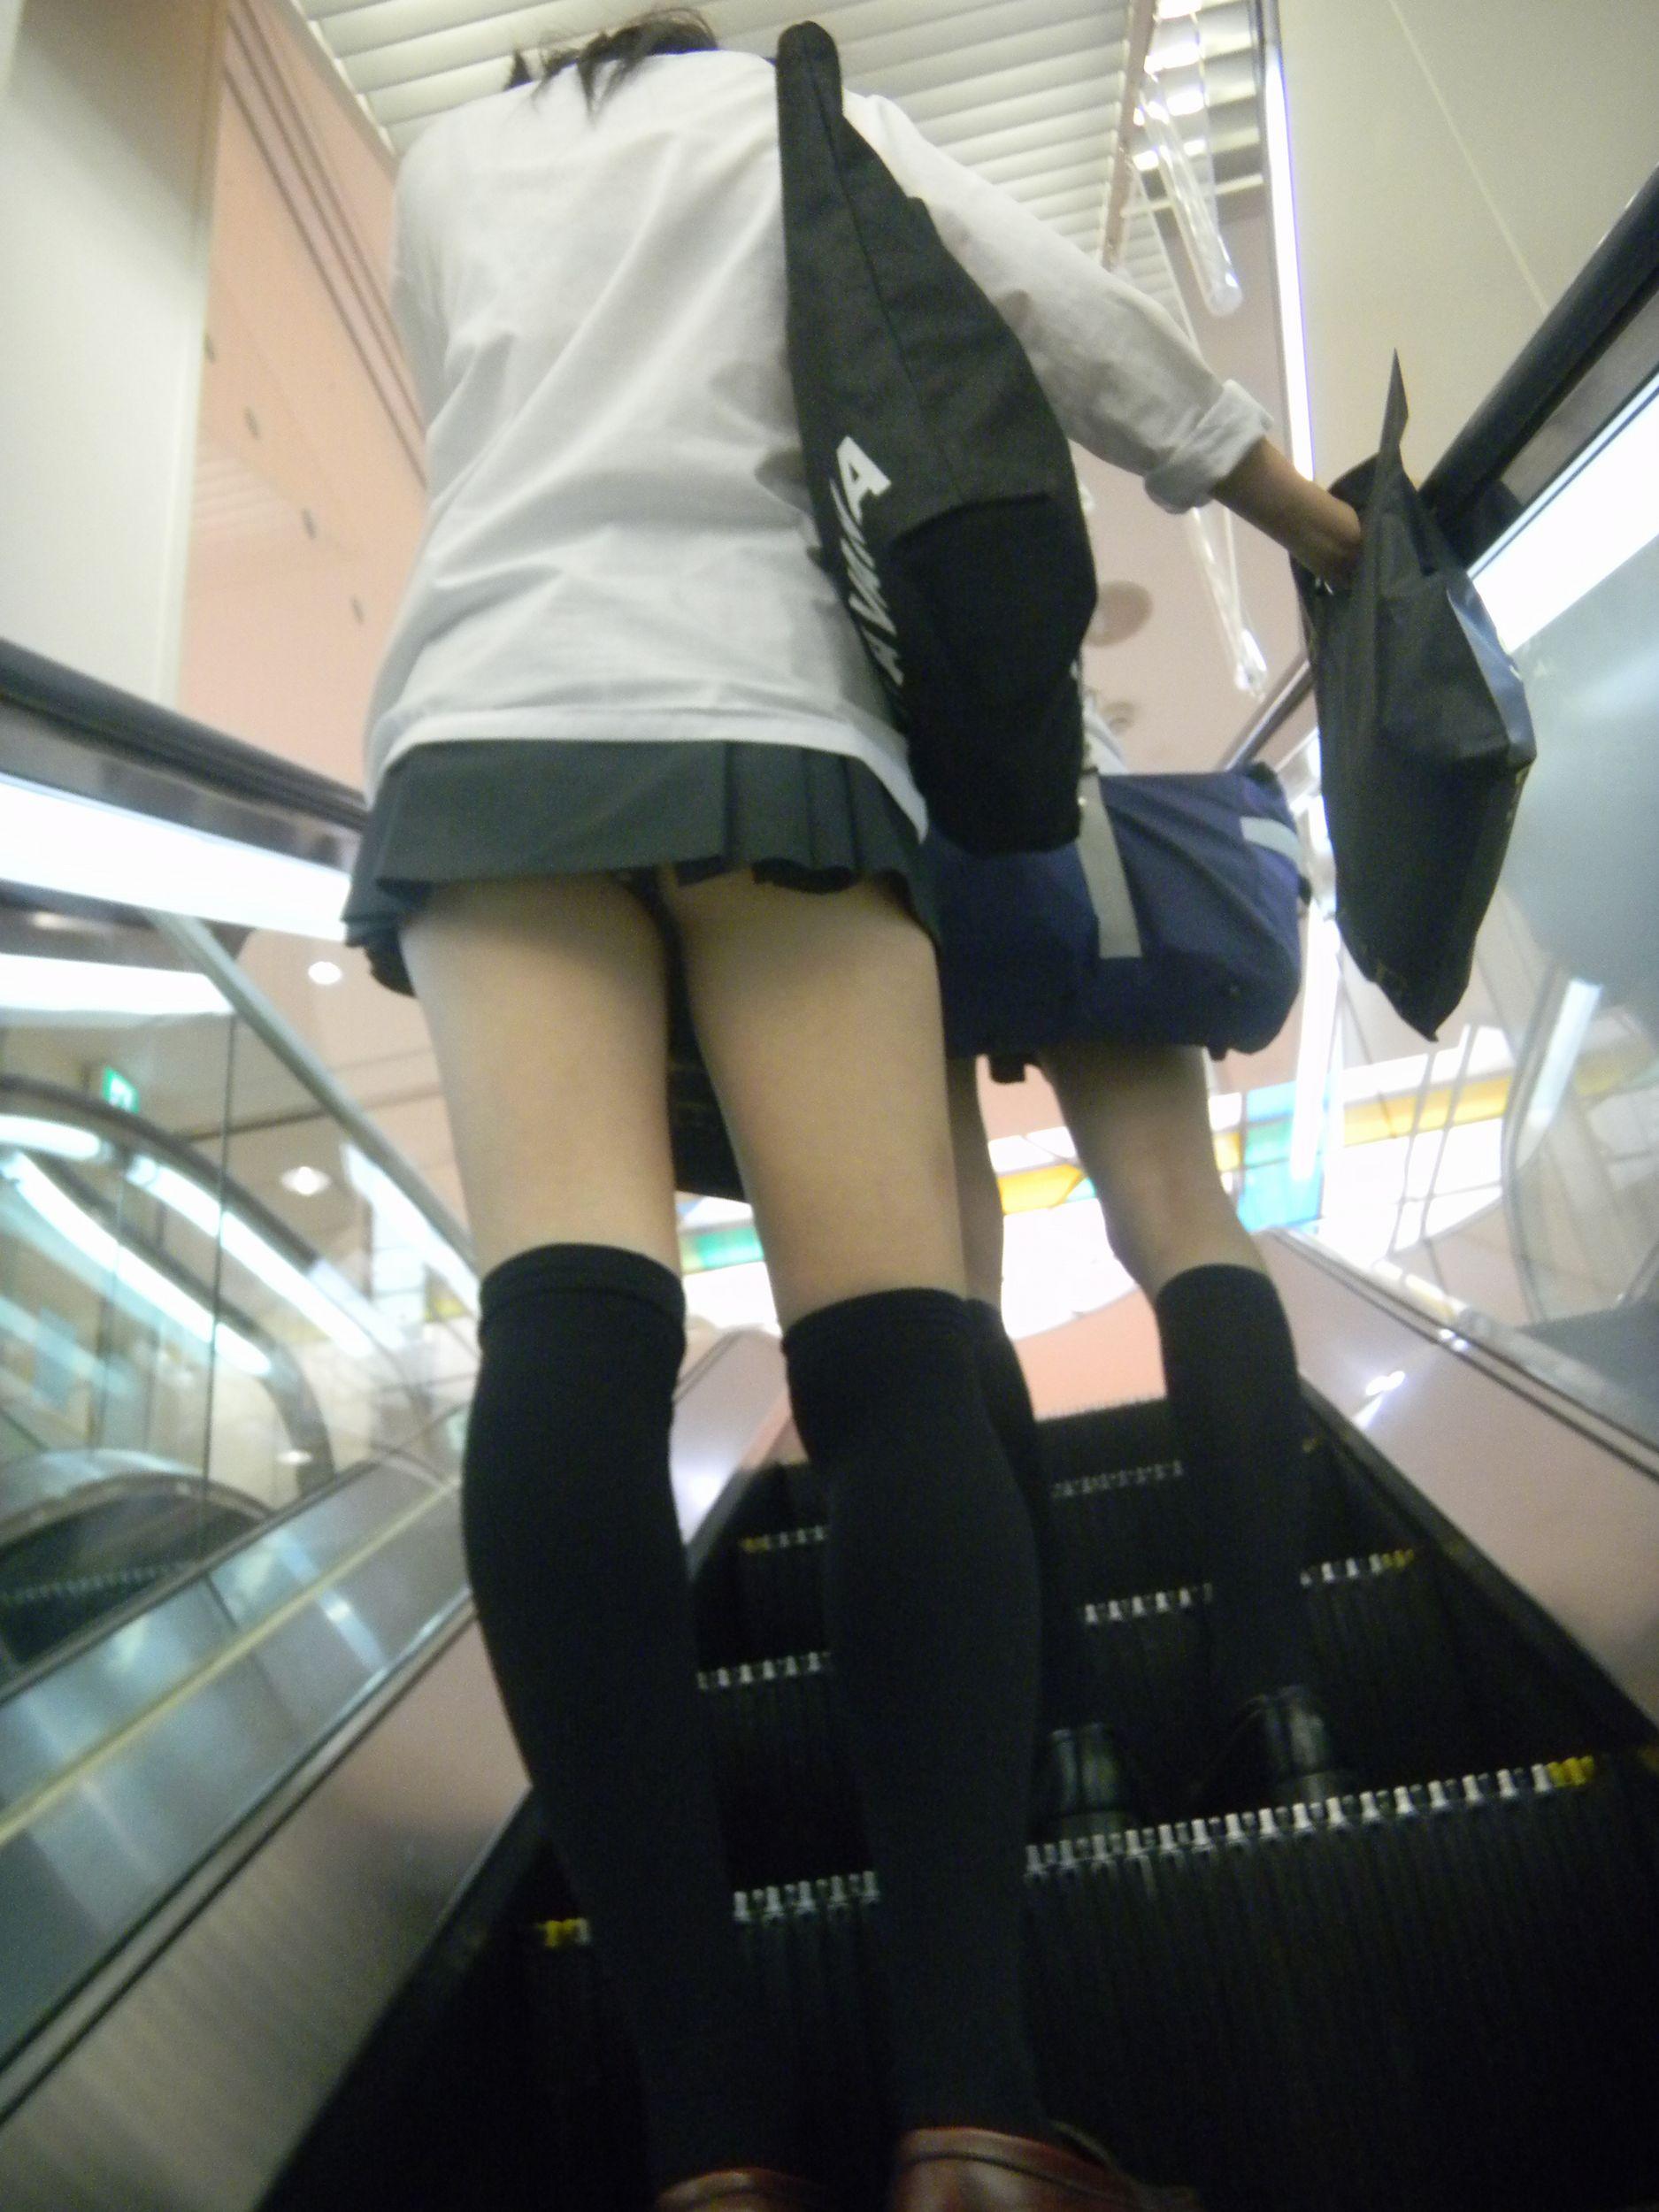 わざと下着を見せてるjk階段下パンチラ盗撮エロ画像15枚目